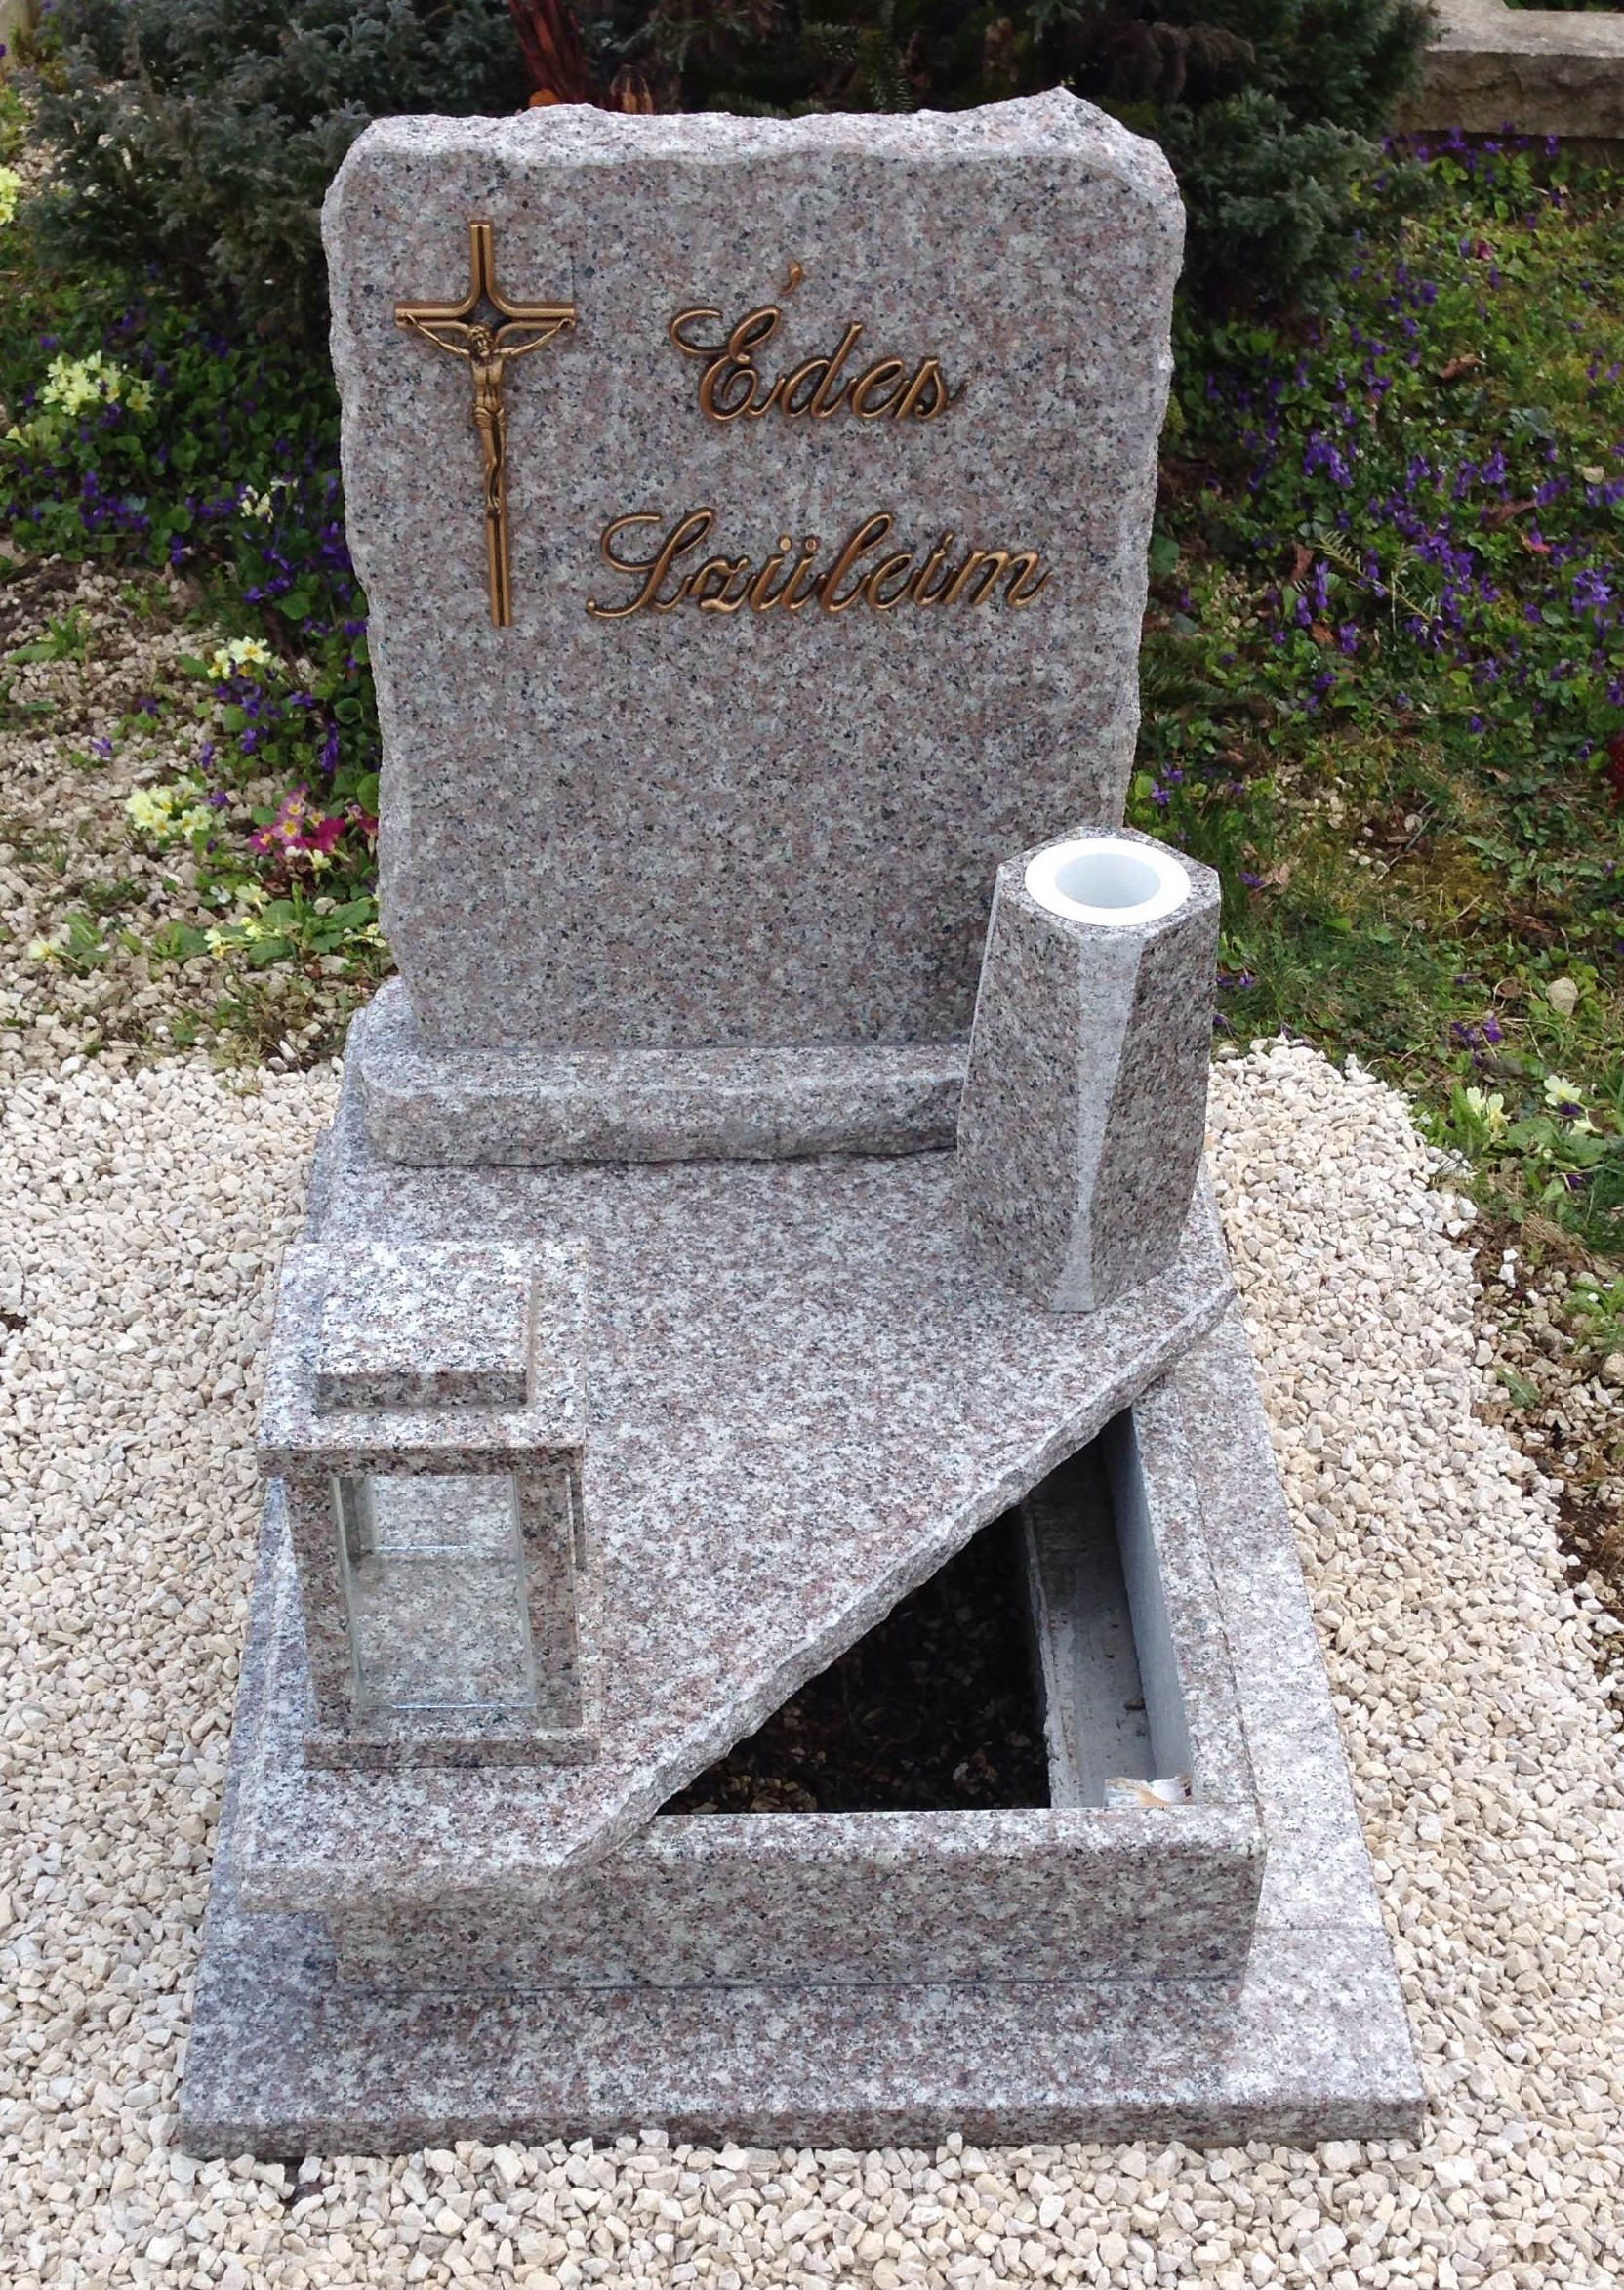 Brown star gránit urnás síremlék akciós ár 155.000 Ft